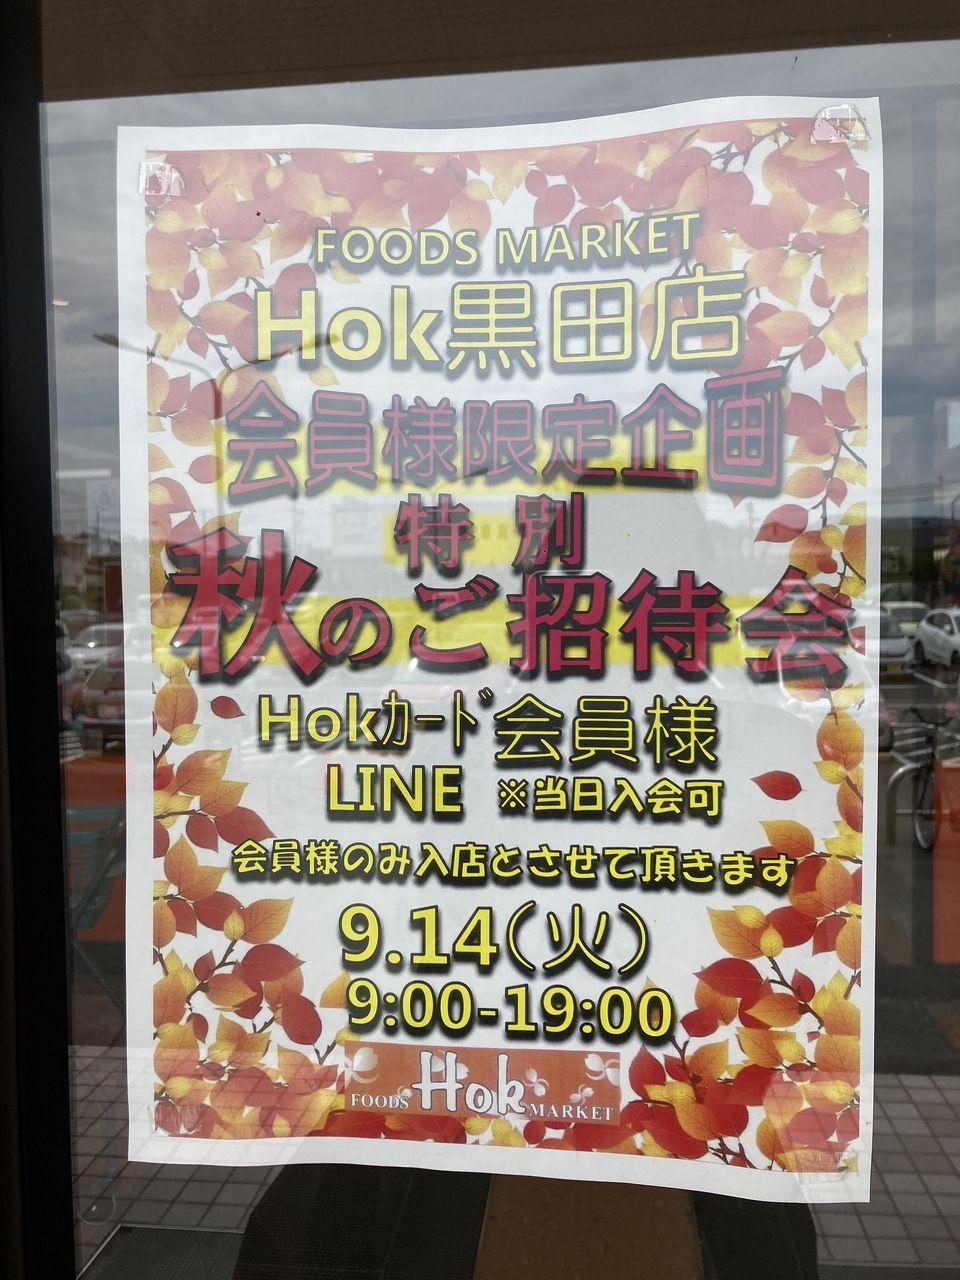 フーズマーケットホック黒田店 9/14は会員限定DAY(当日入会OK)